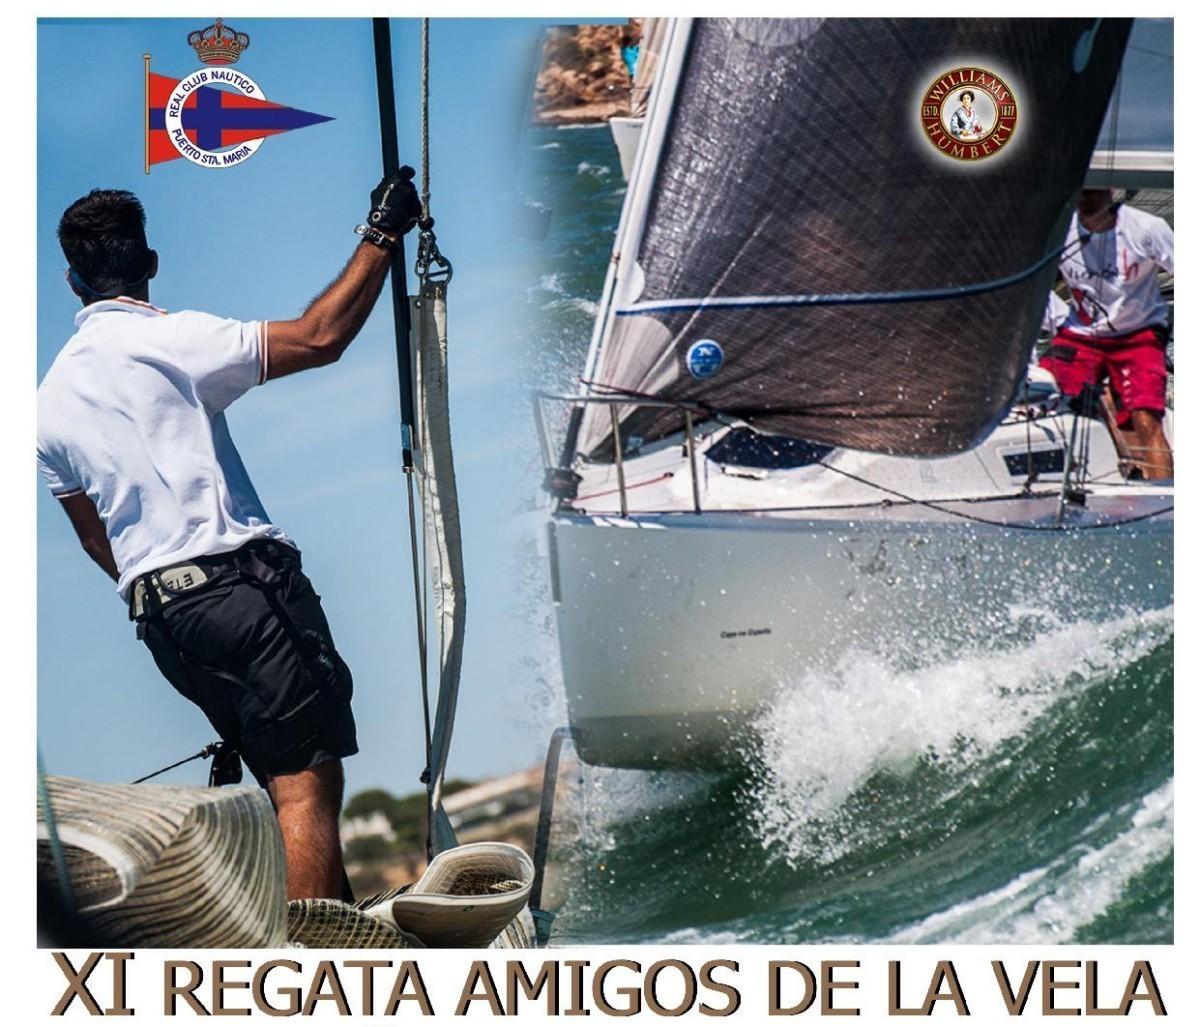 La XI Regata Amigos de la Vela en el Puerto de Santa María